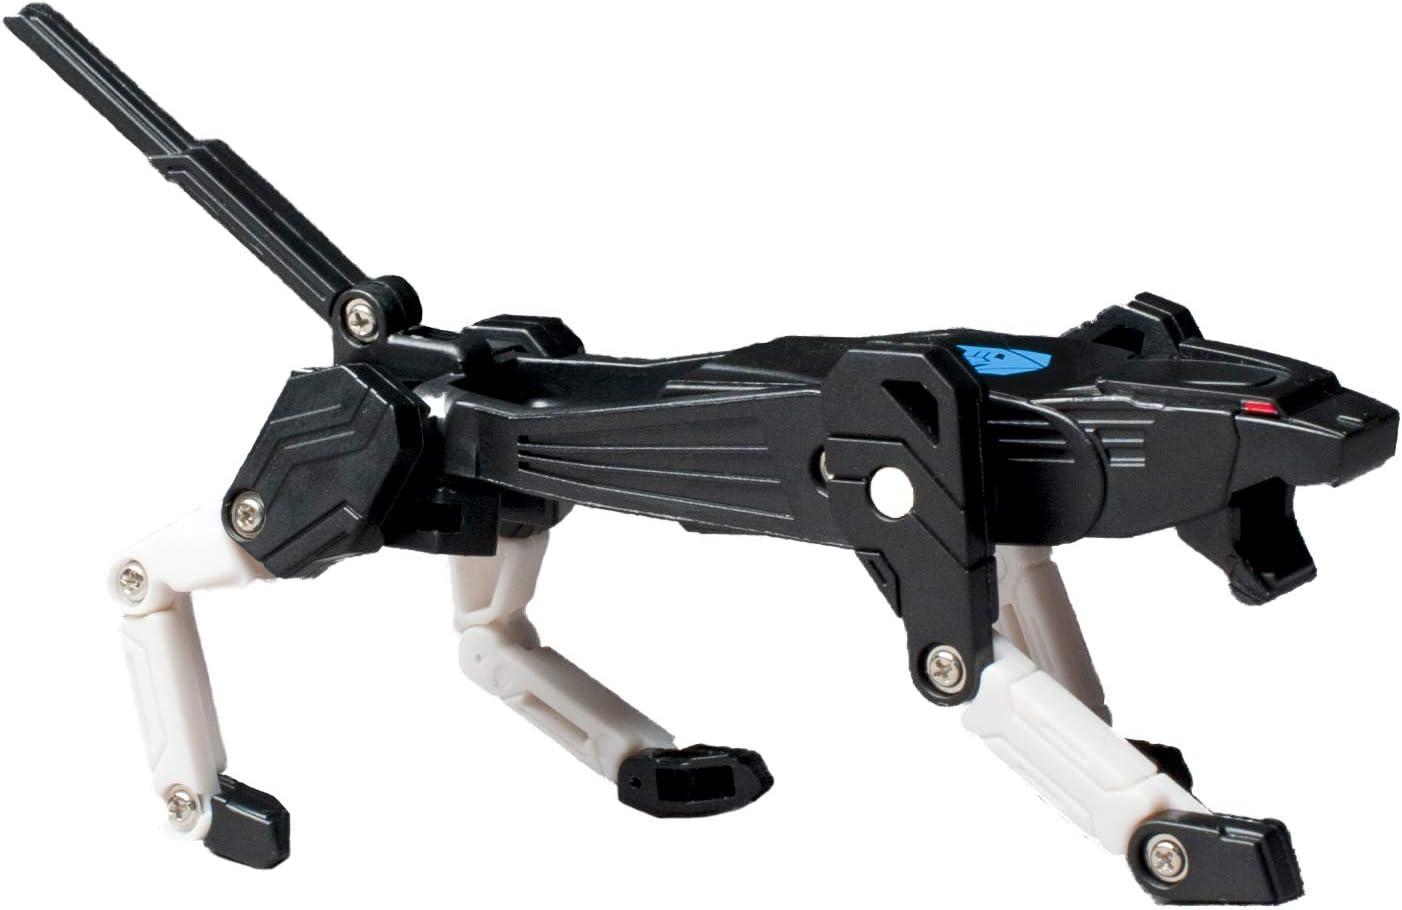 Casino ratgeber schmerzensautounfall traumdeutung hunde